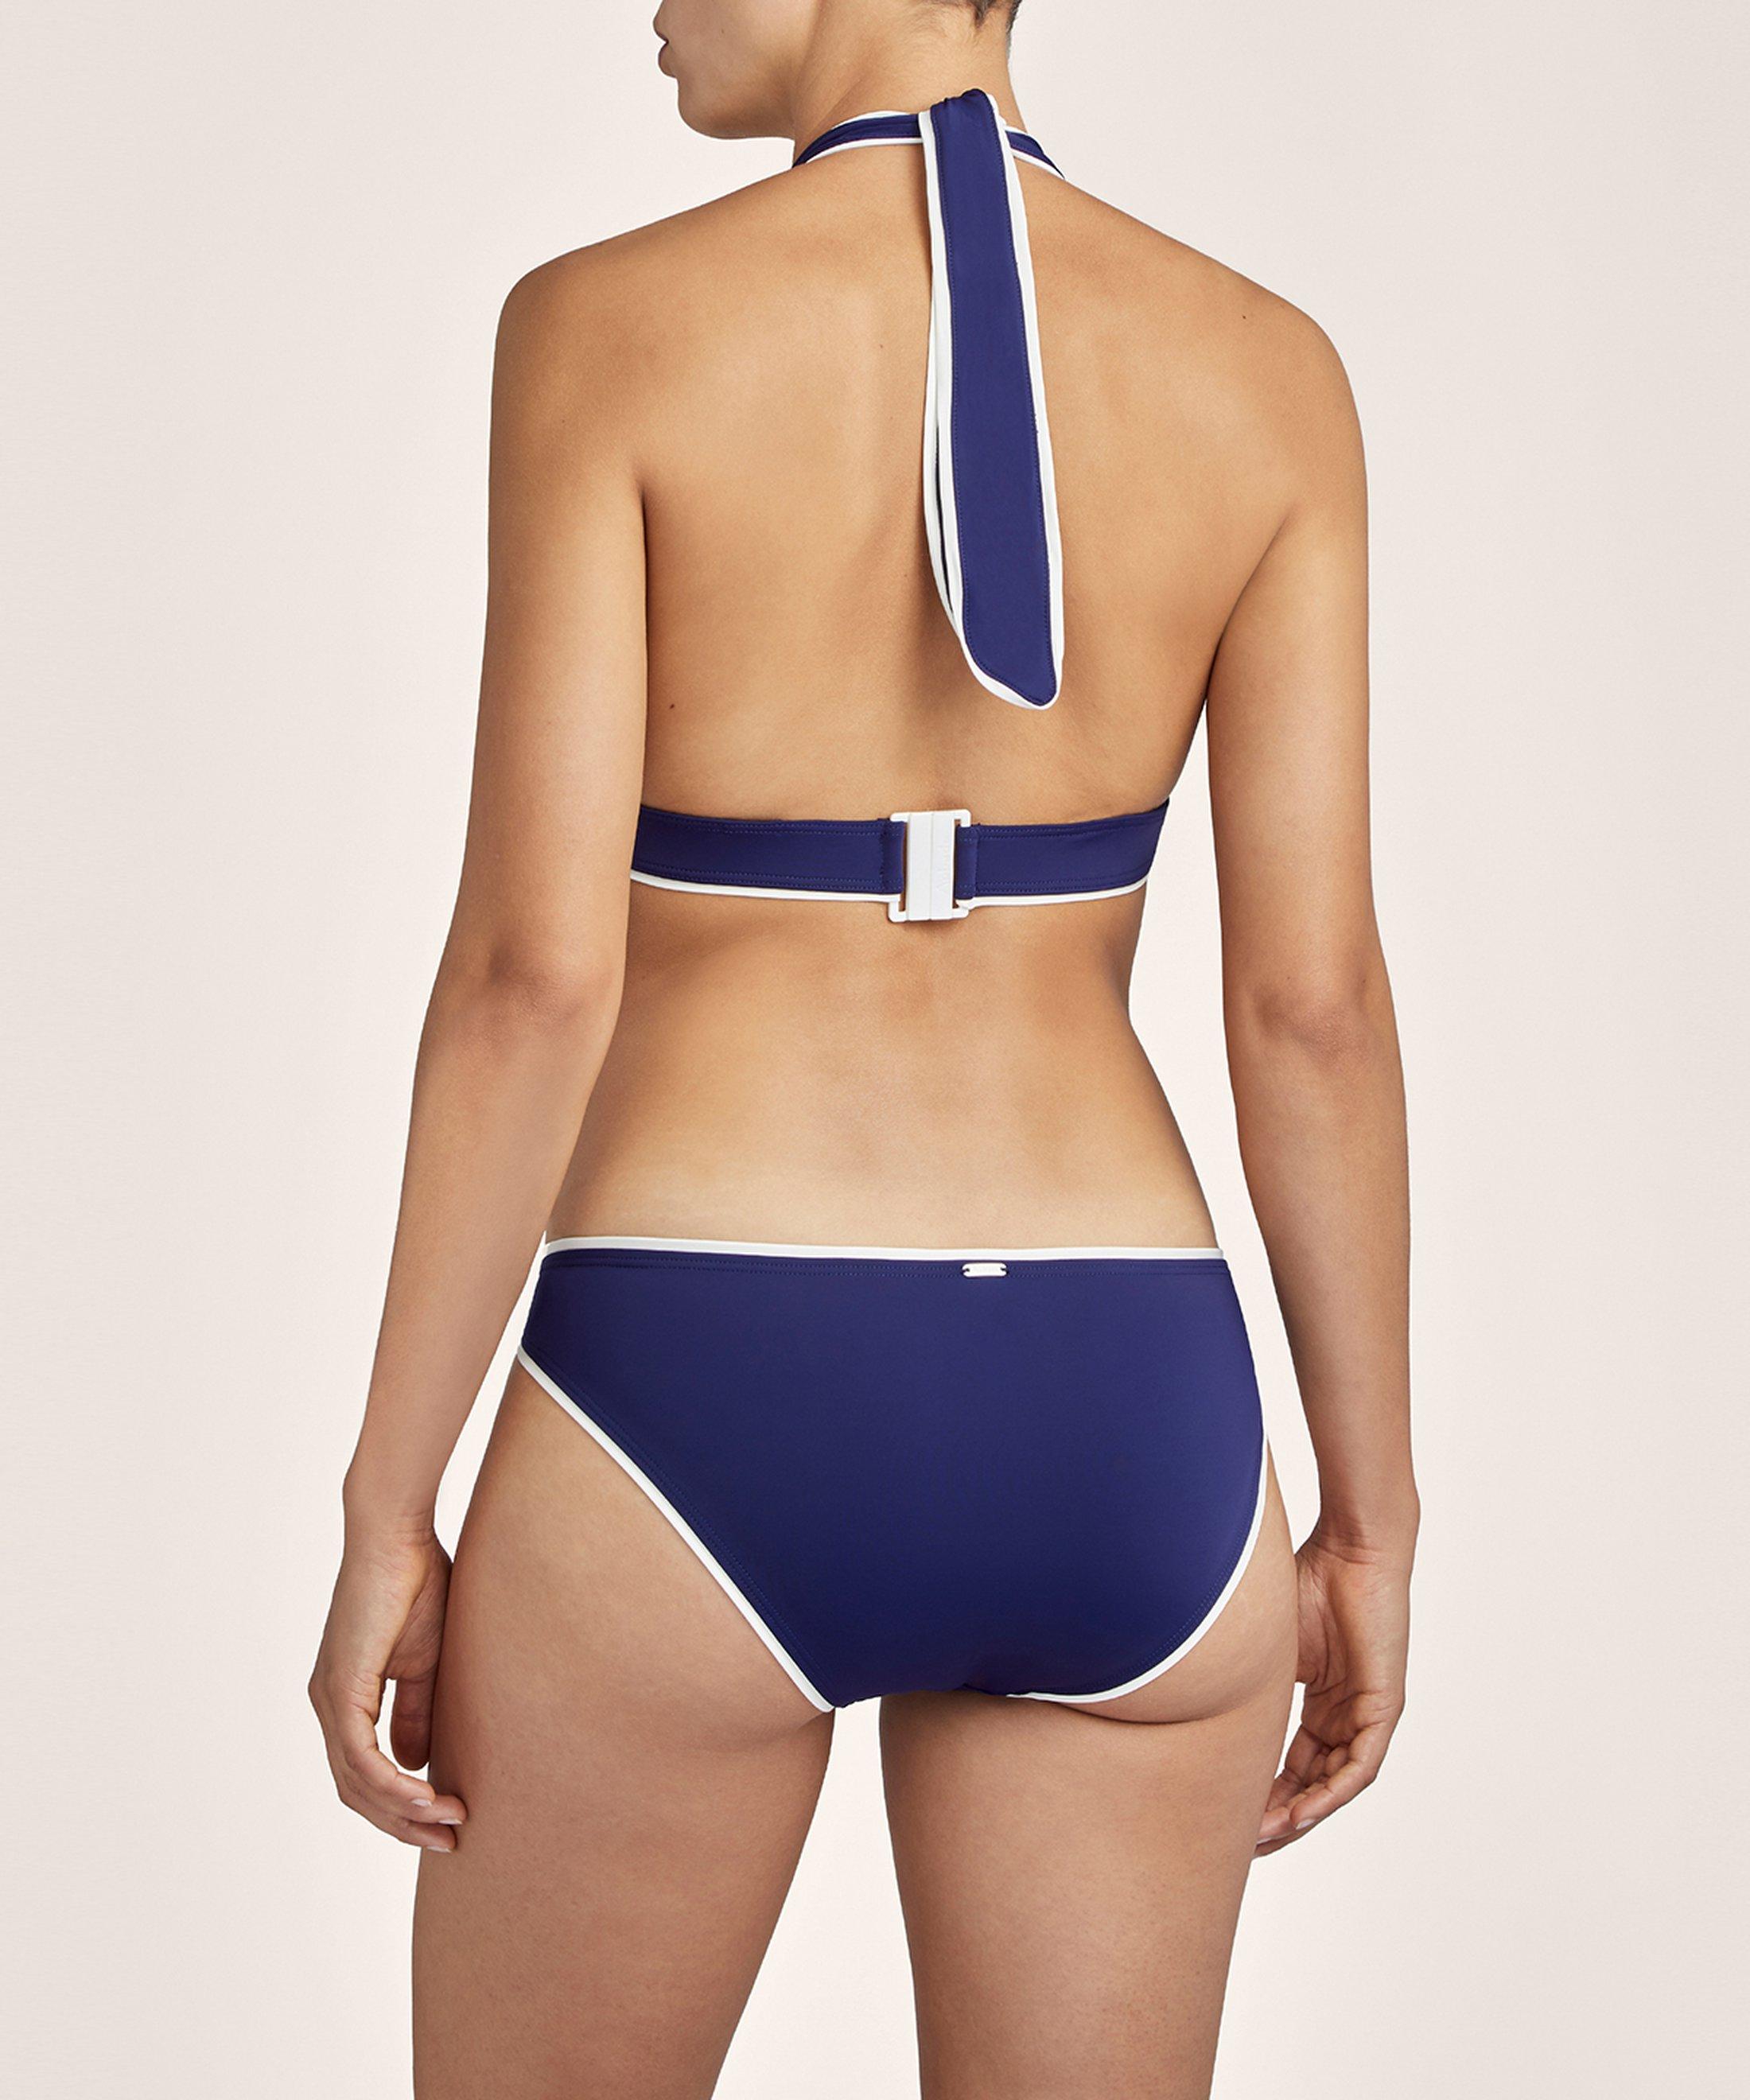 LA BAIE DES VAGUES Haut de maillot de bain triangle Encre Bleue | Aubade